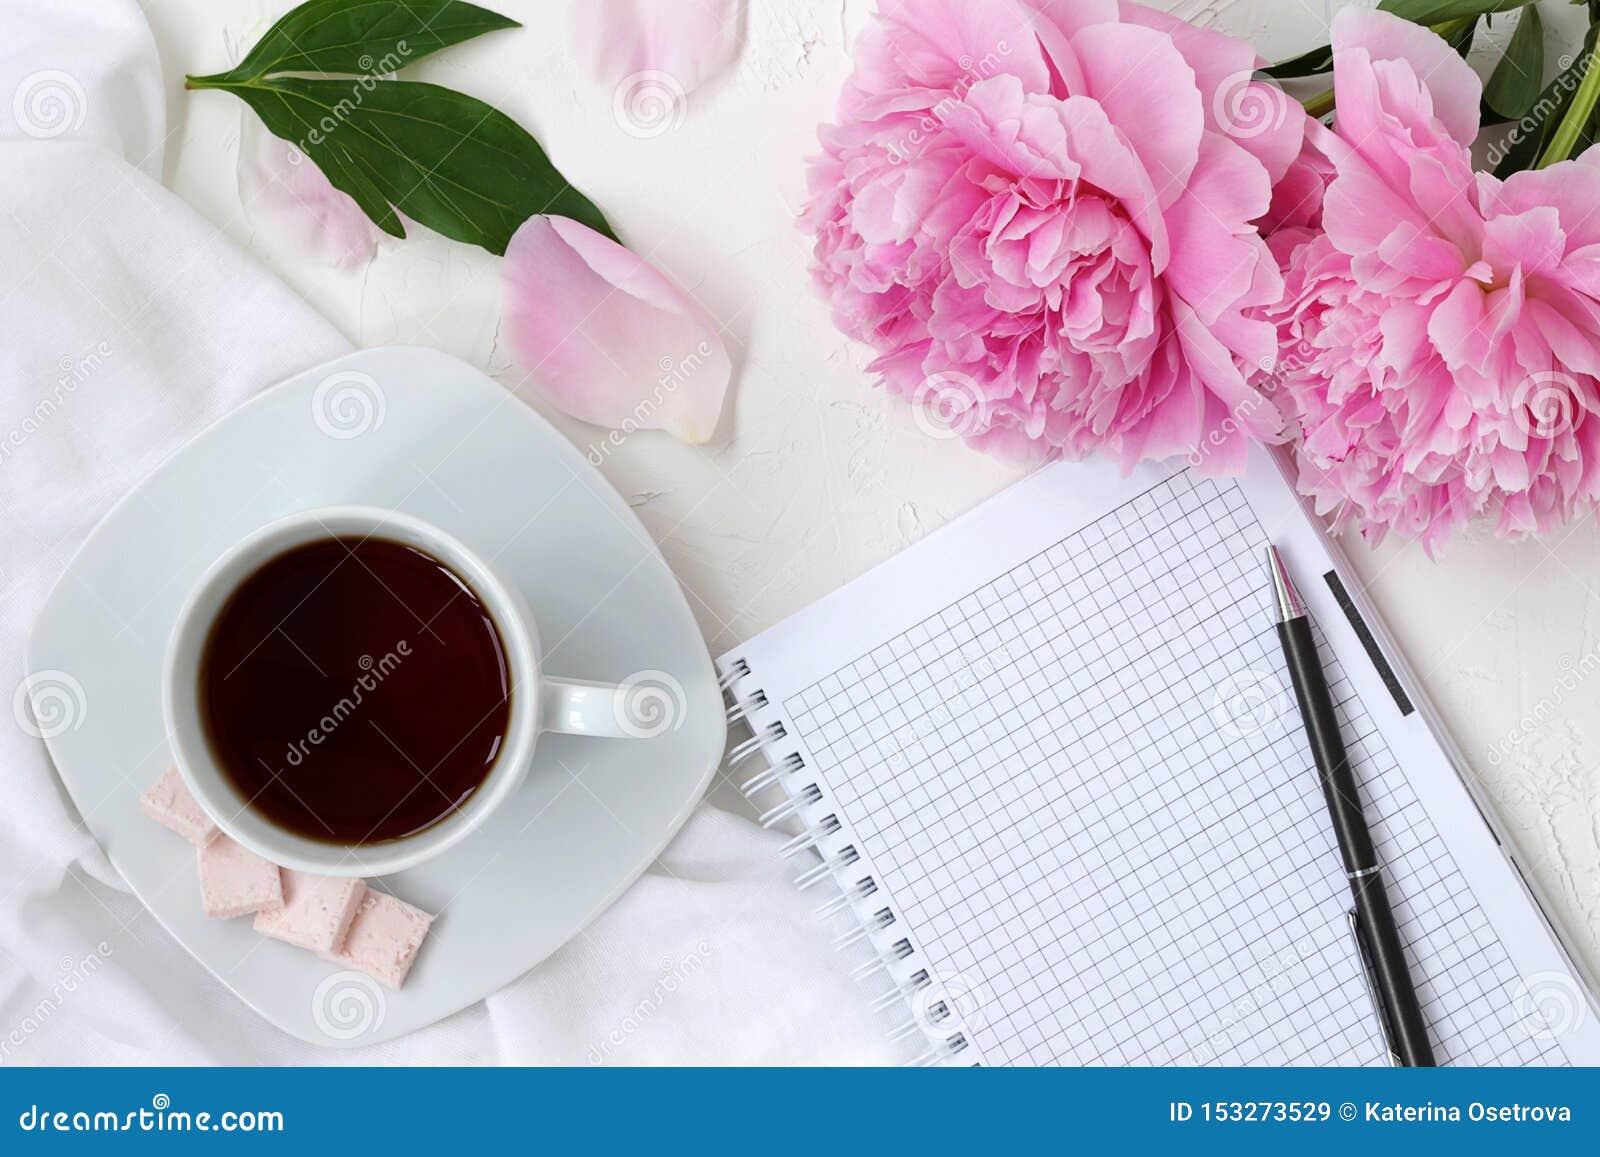 Ochtend coffe in heldere kleuren met roze bloemen